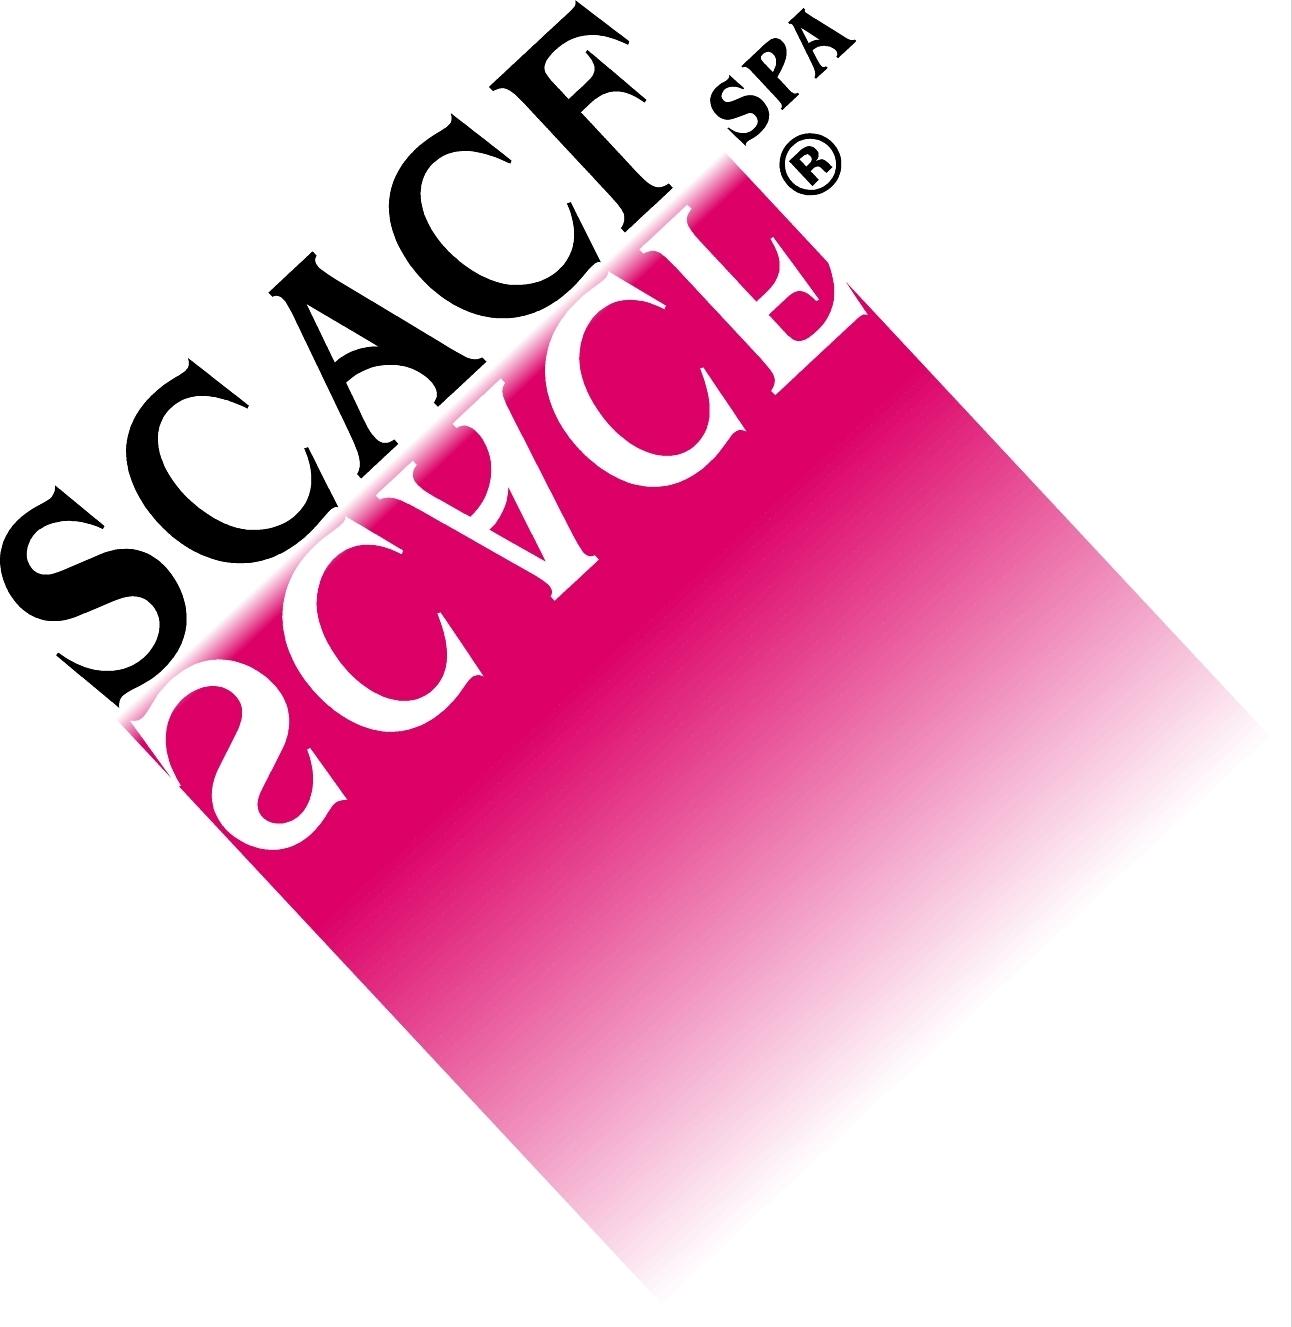 scacf1